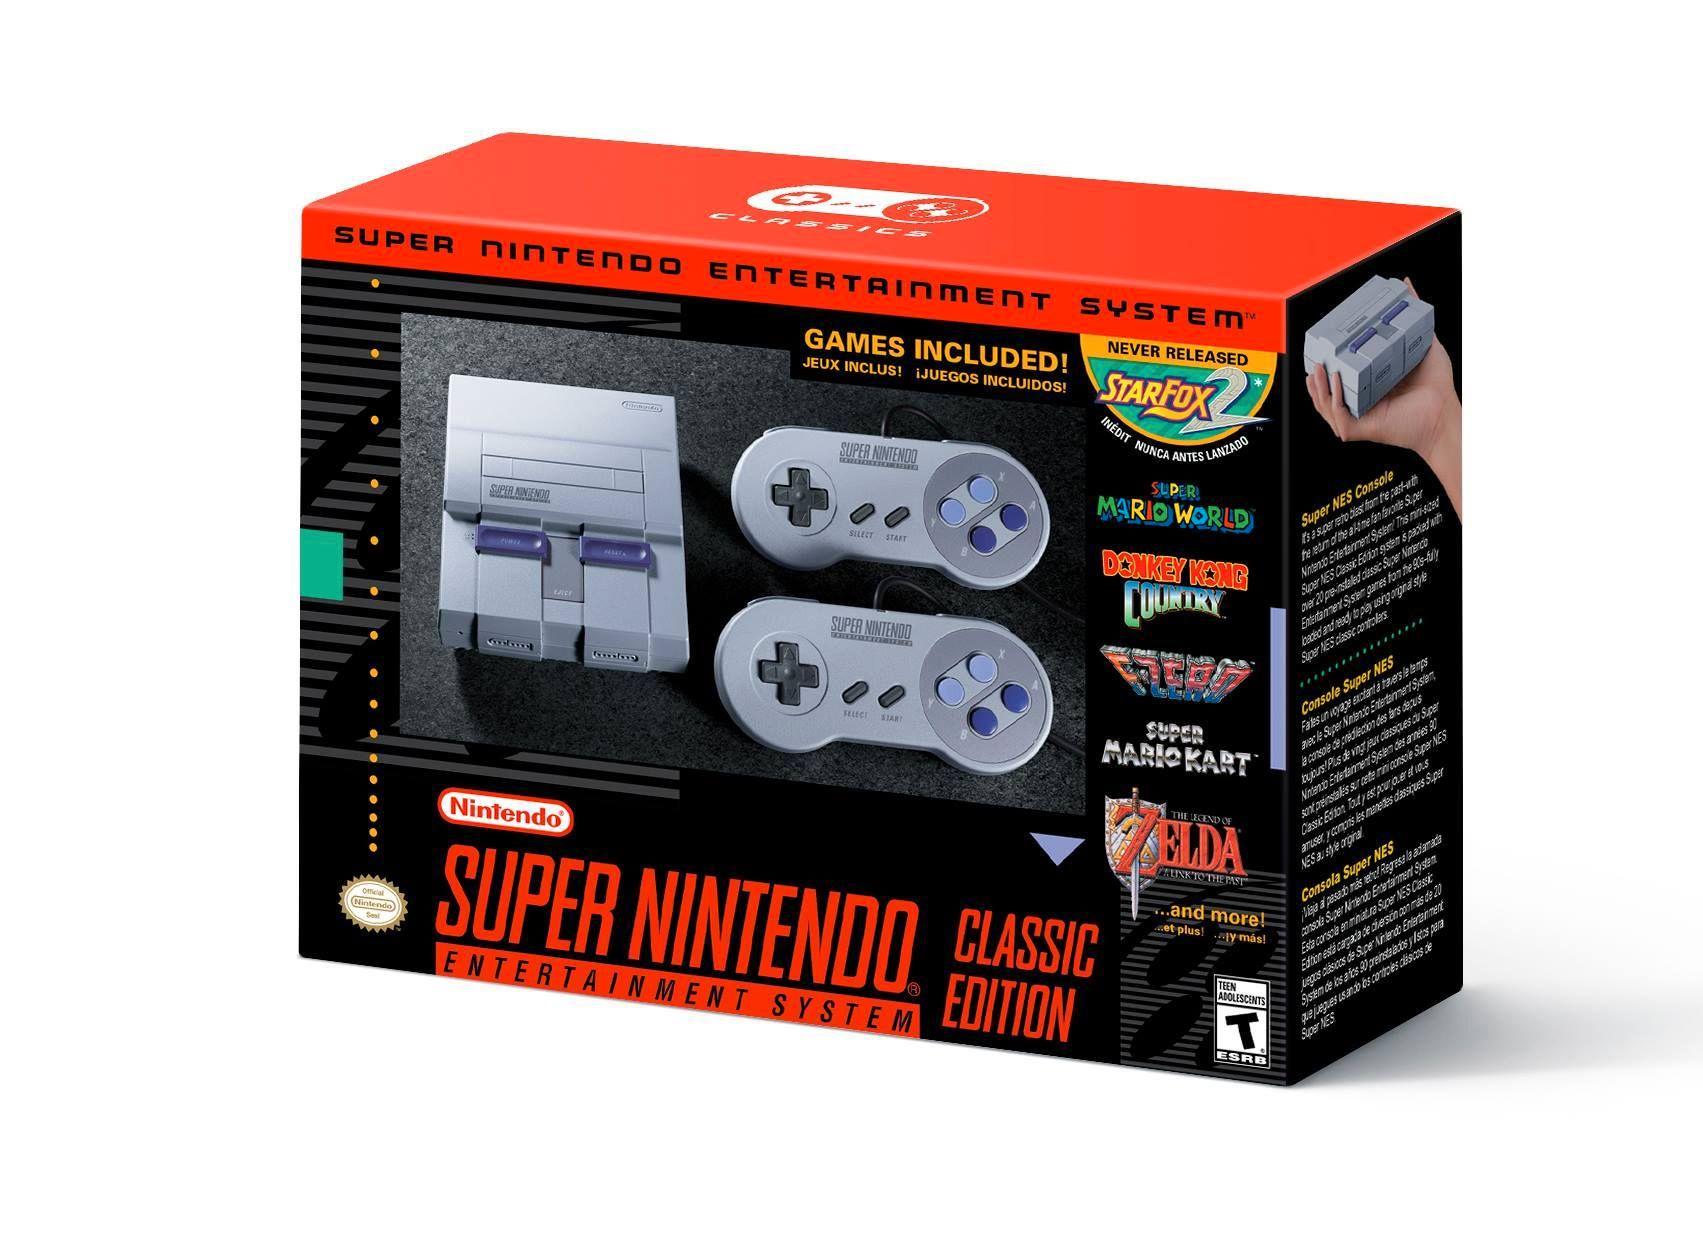 Slik ser den amerikanske versjonen av SNES Classic ut.